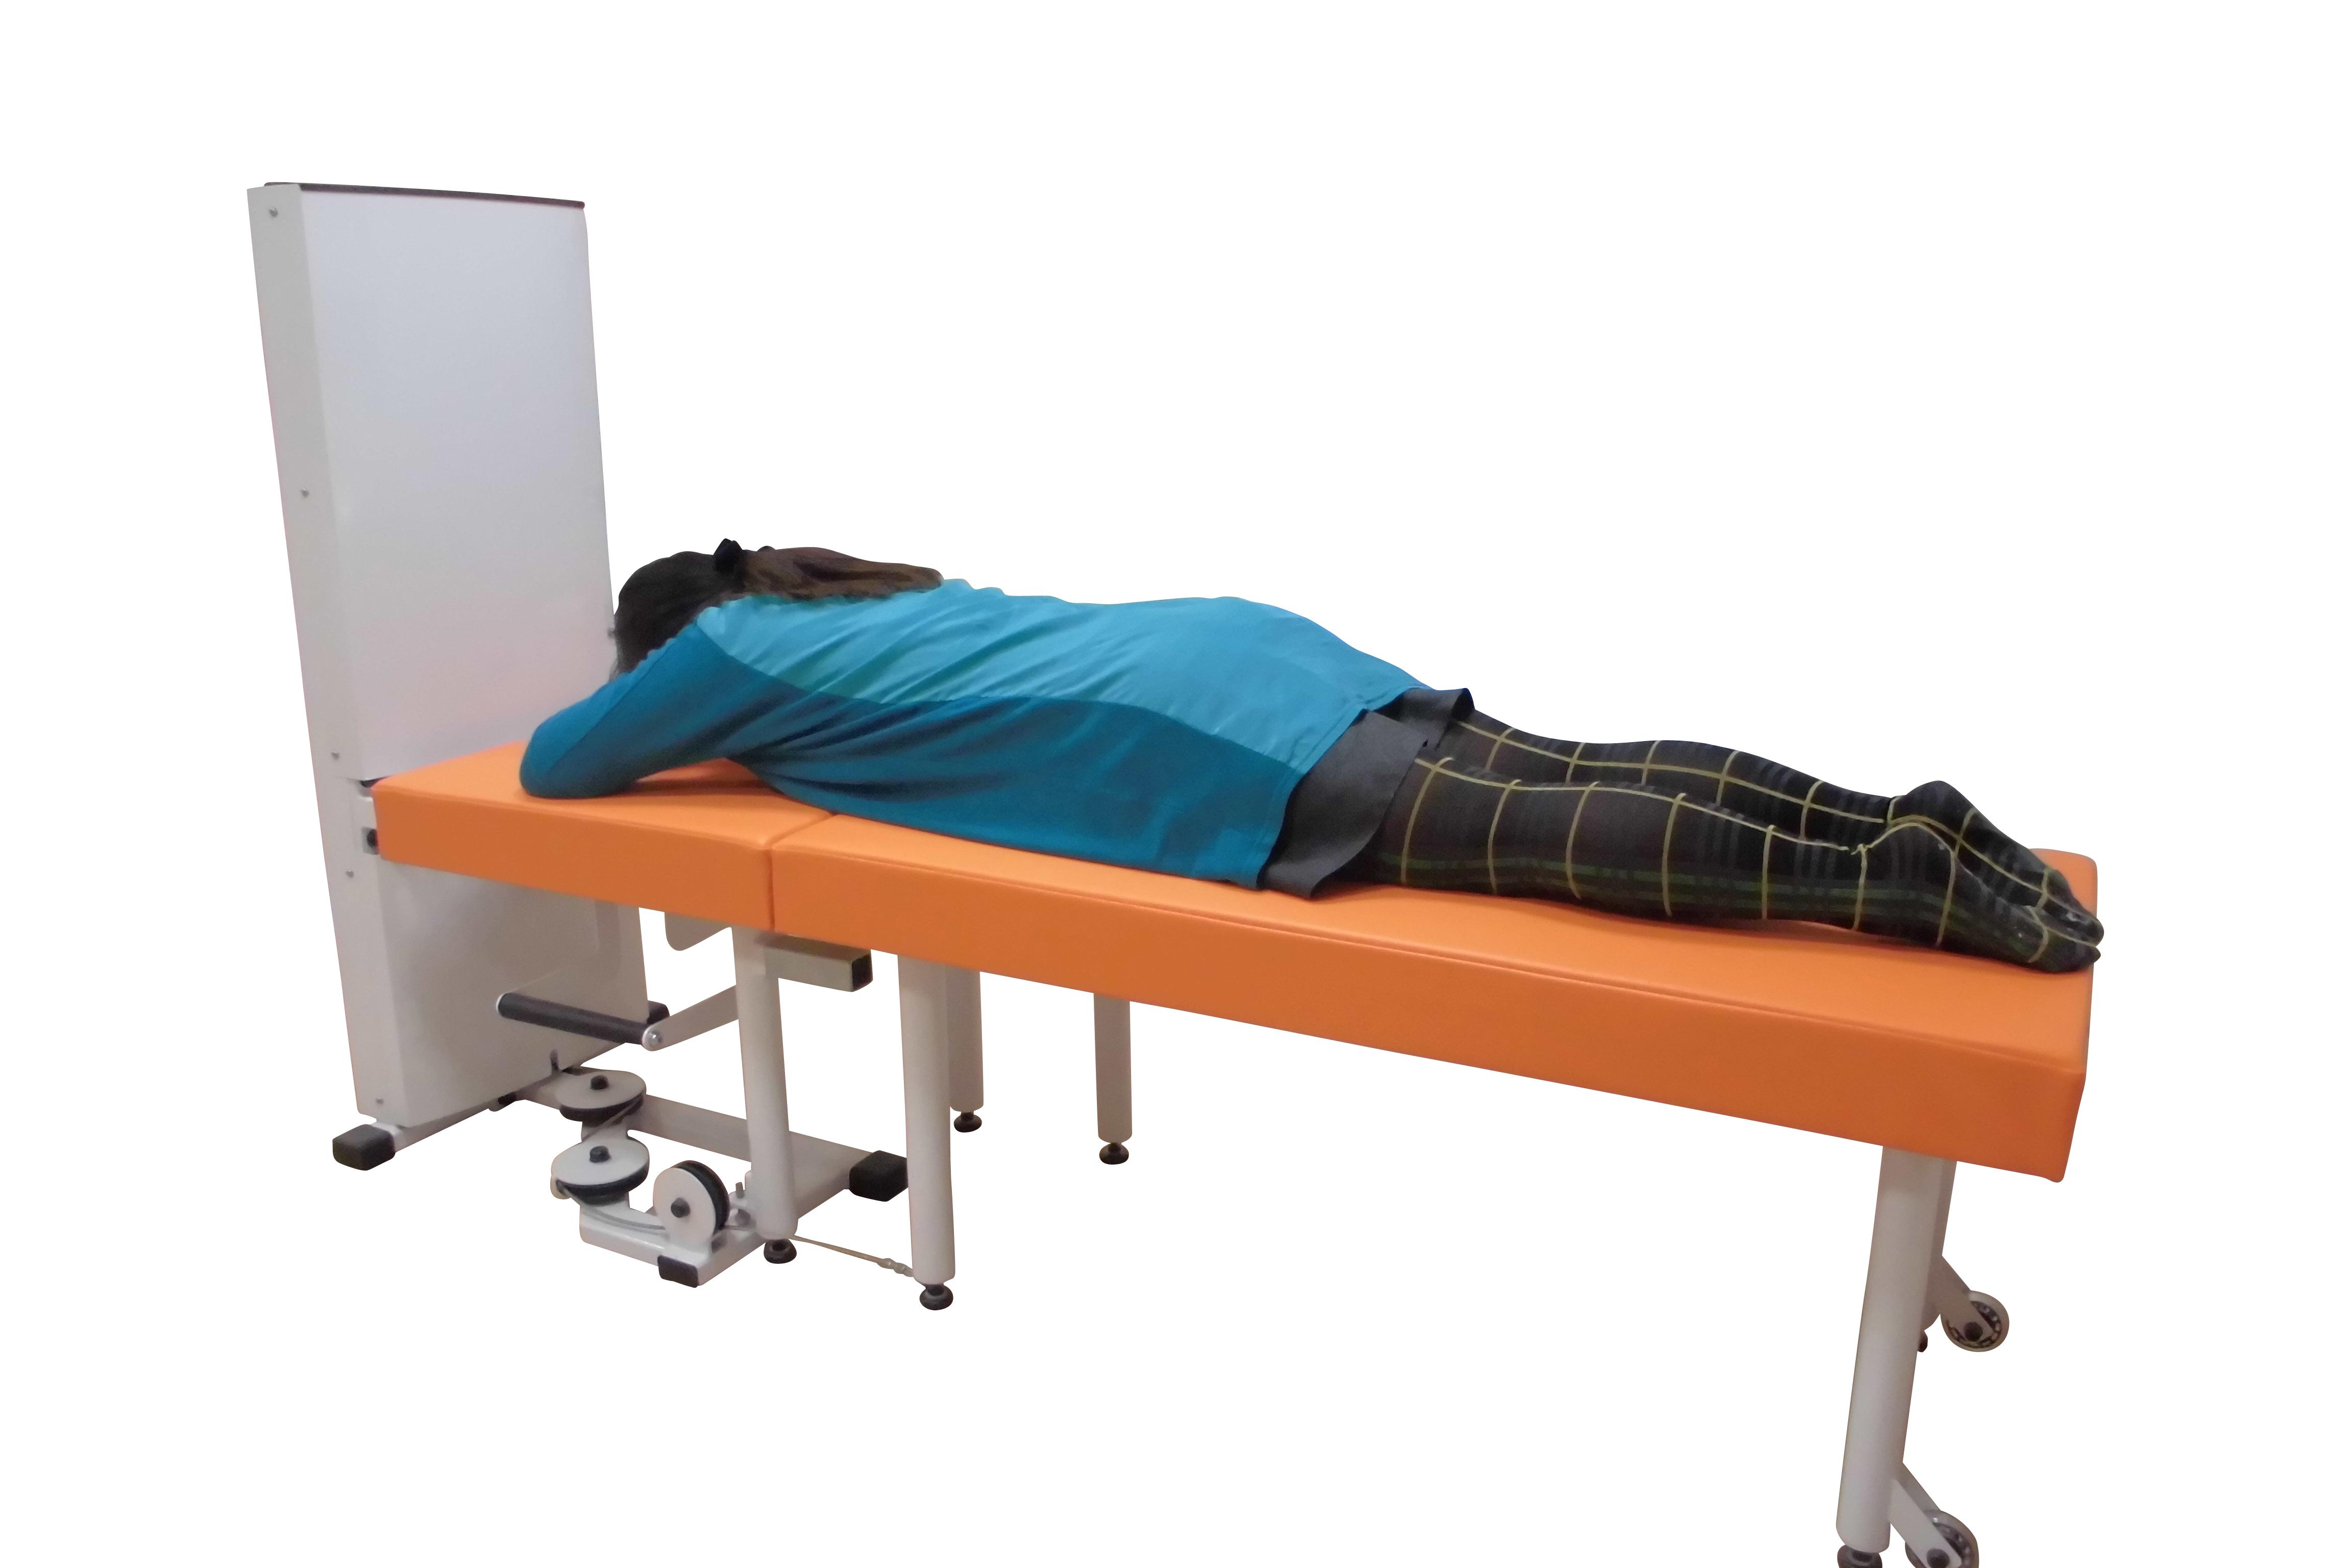 診療ベッドとして使用の場合